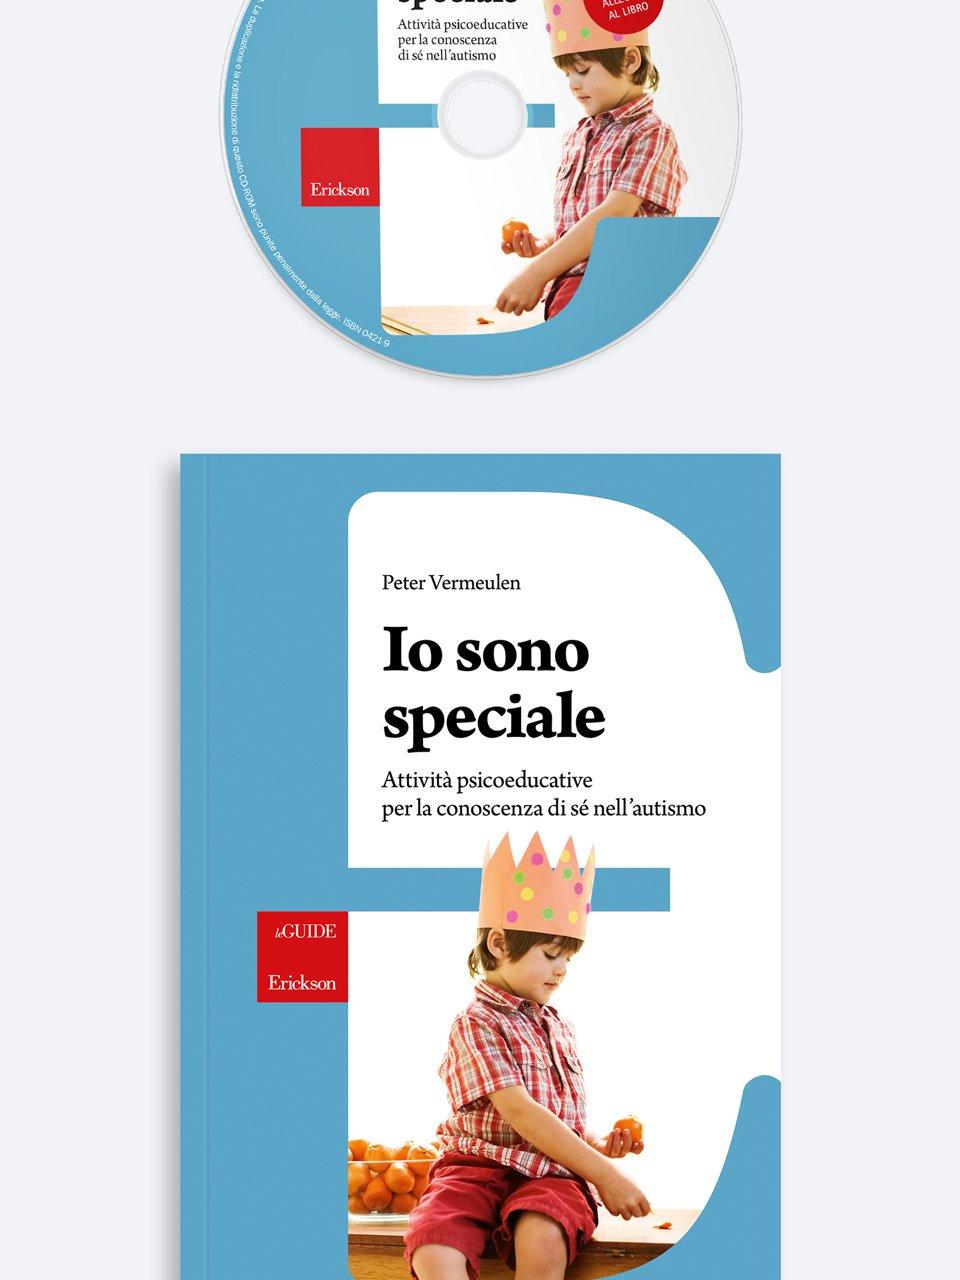 Io sono speciale - Genitorialità: libri sul rapporto genitori e figli - Erickson